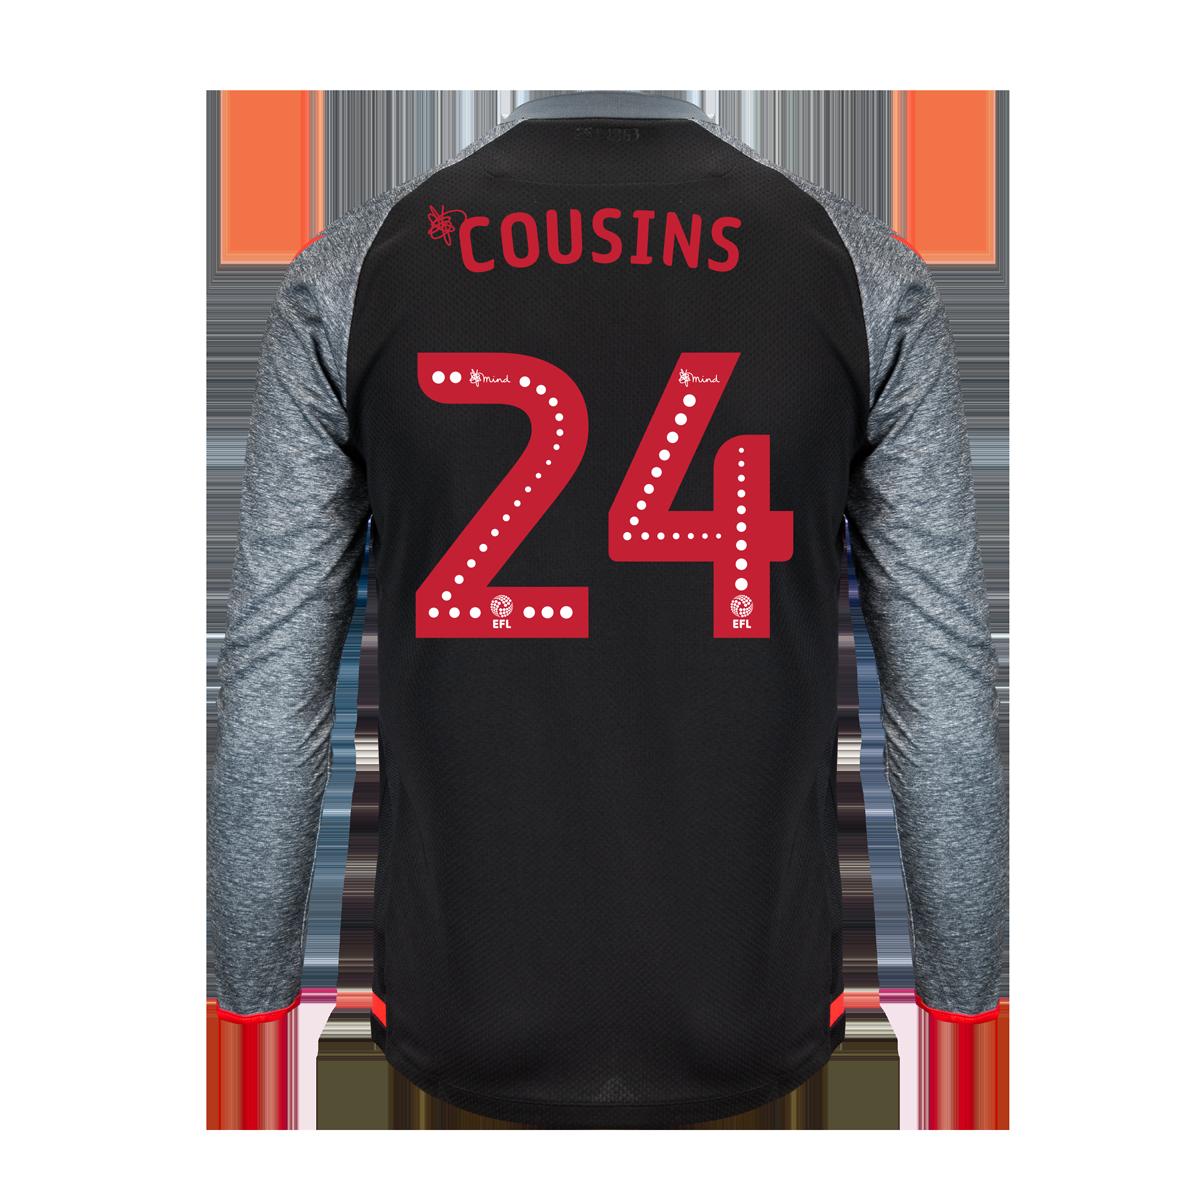 2019/20 Junior Away LS Shirt - Cousins